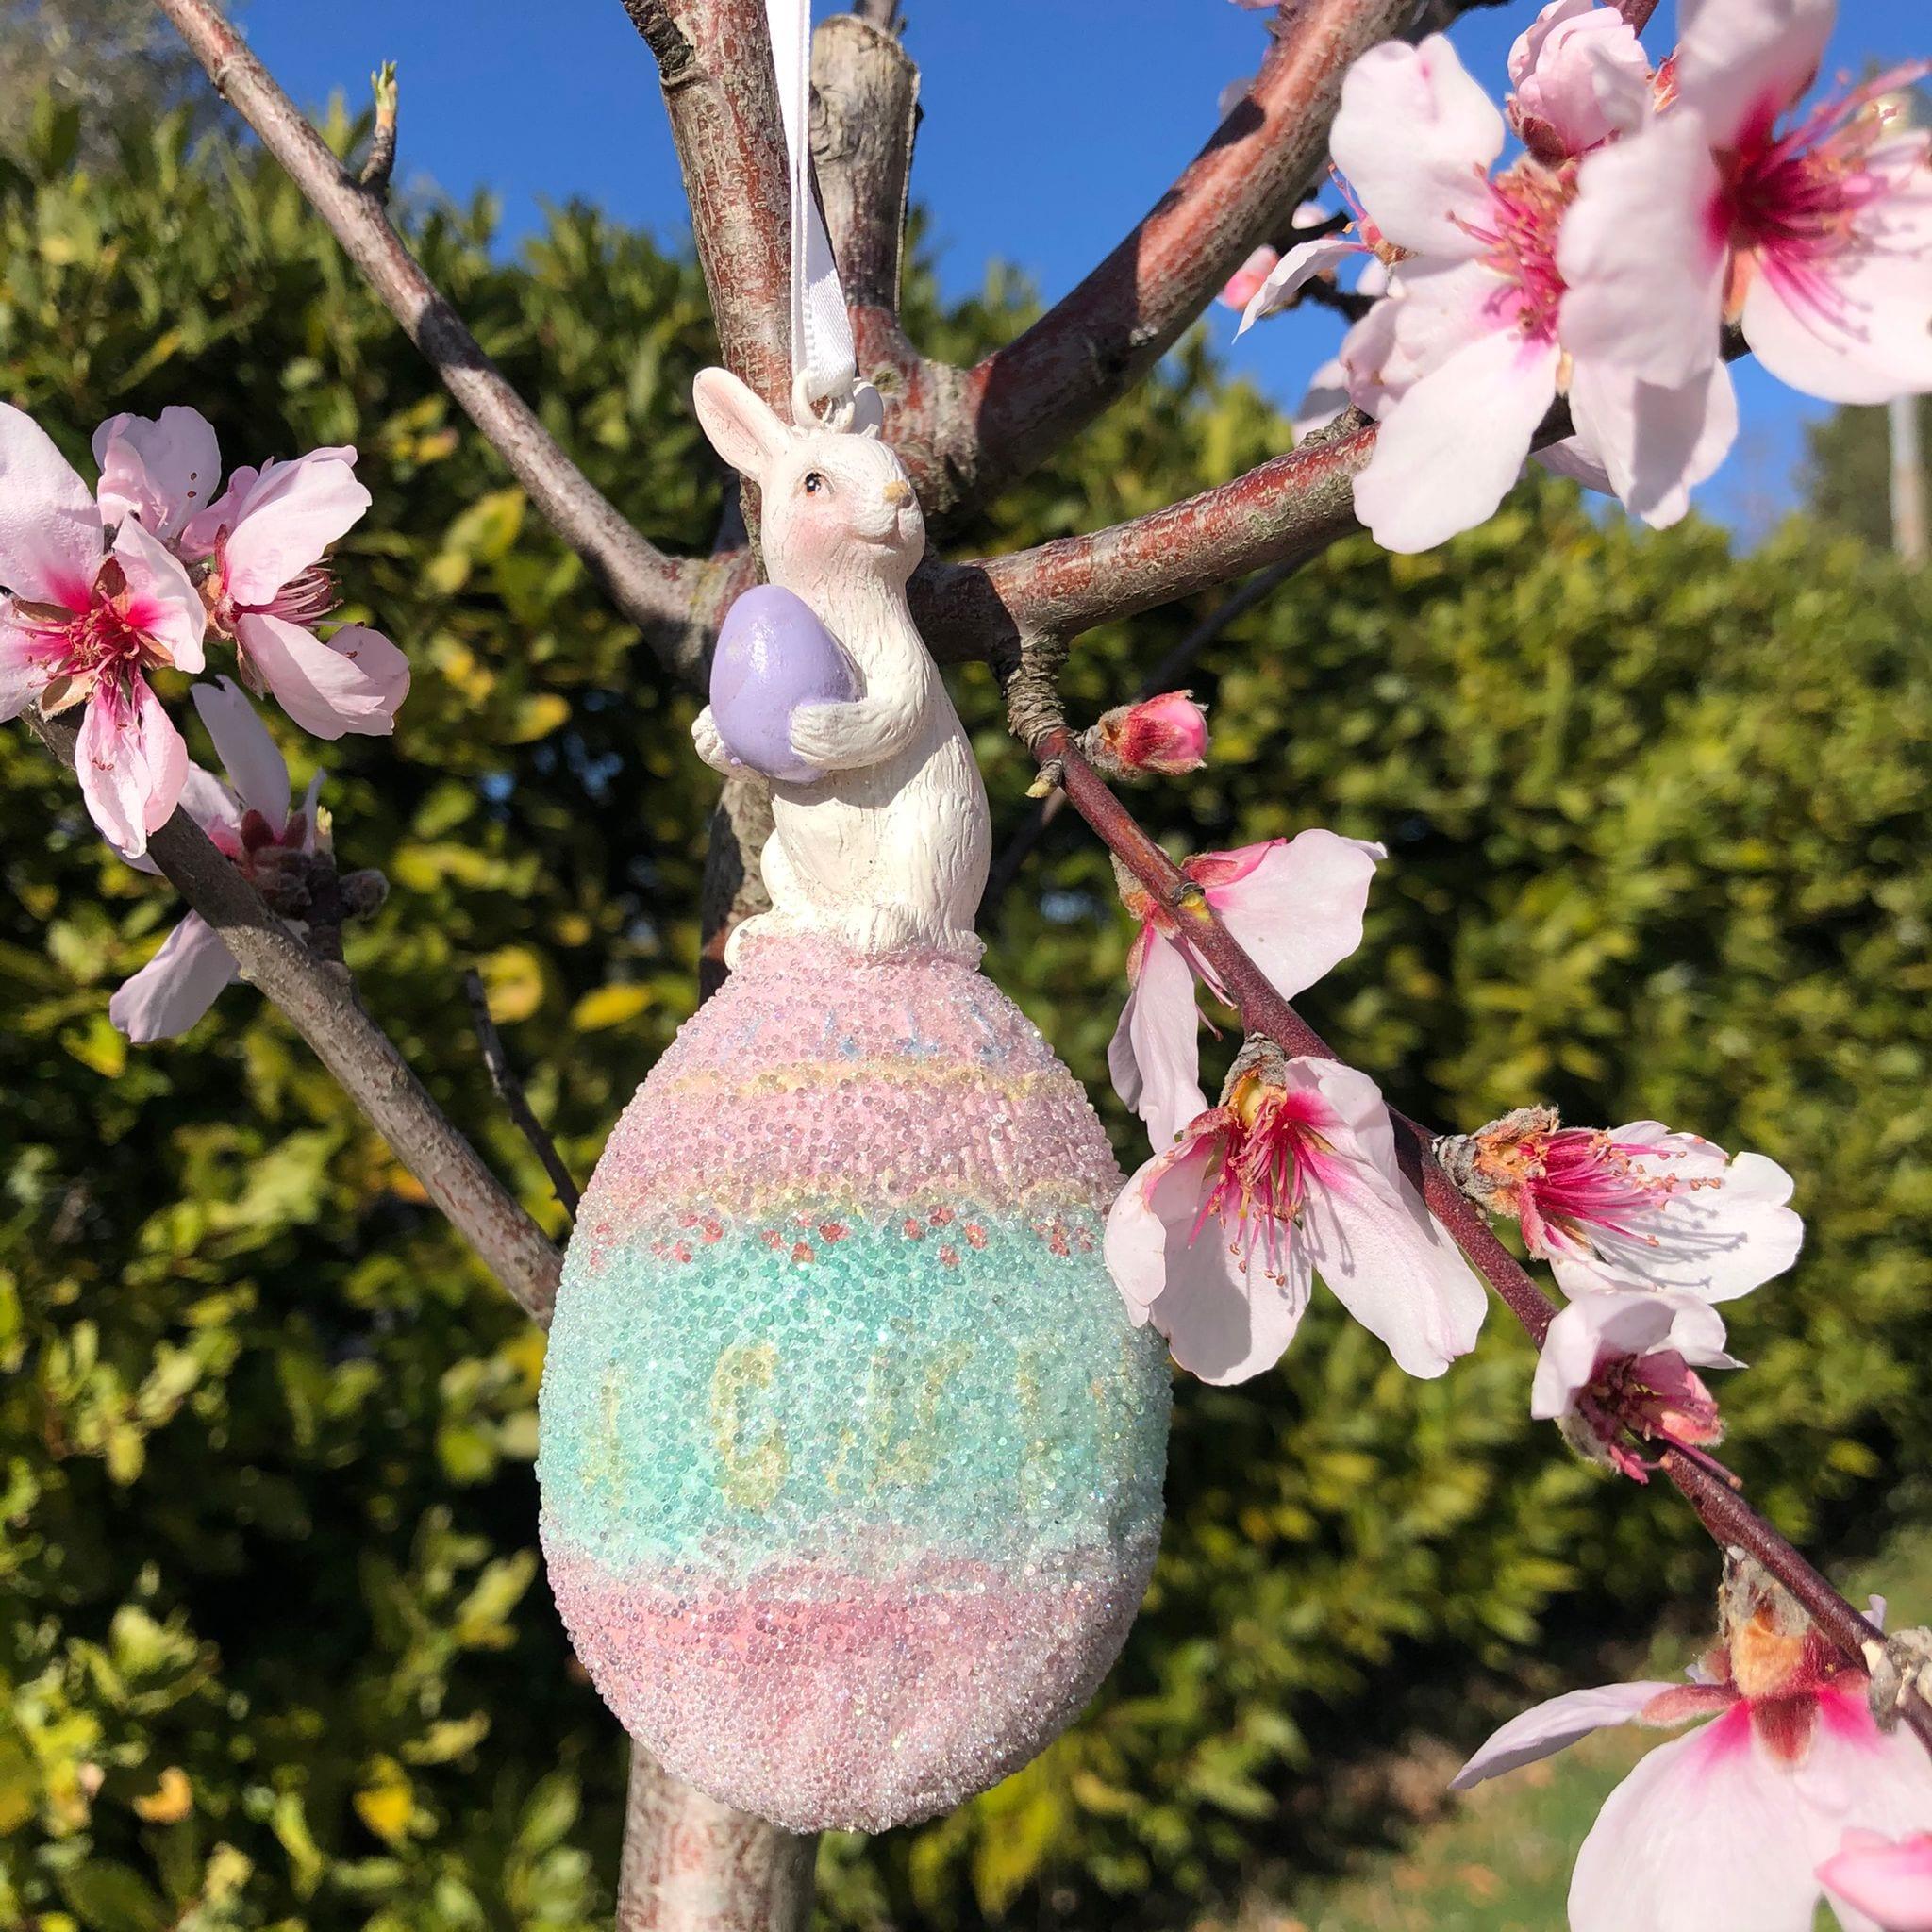 Deco con coniglio bianco su uovo rosa e verde